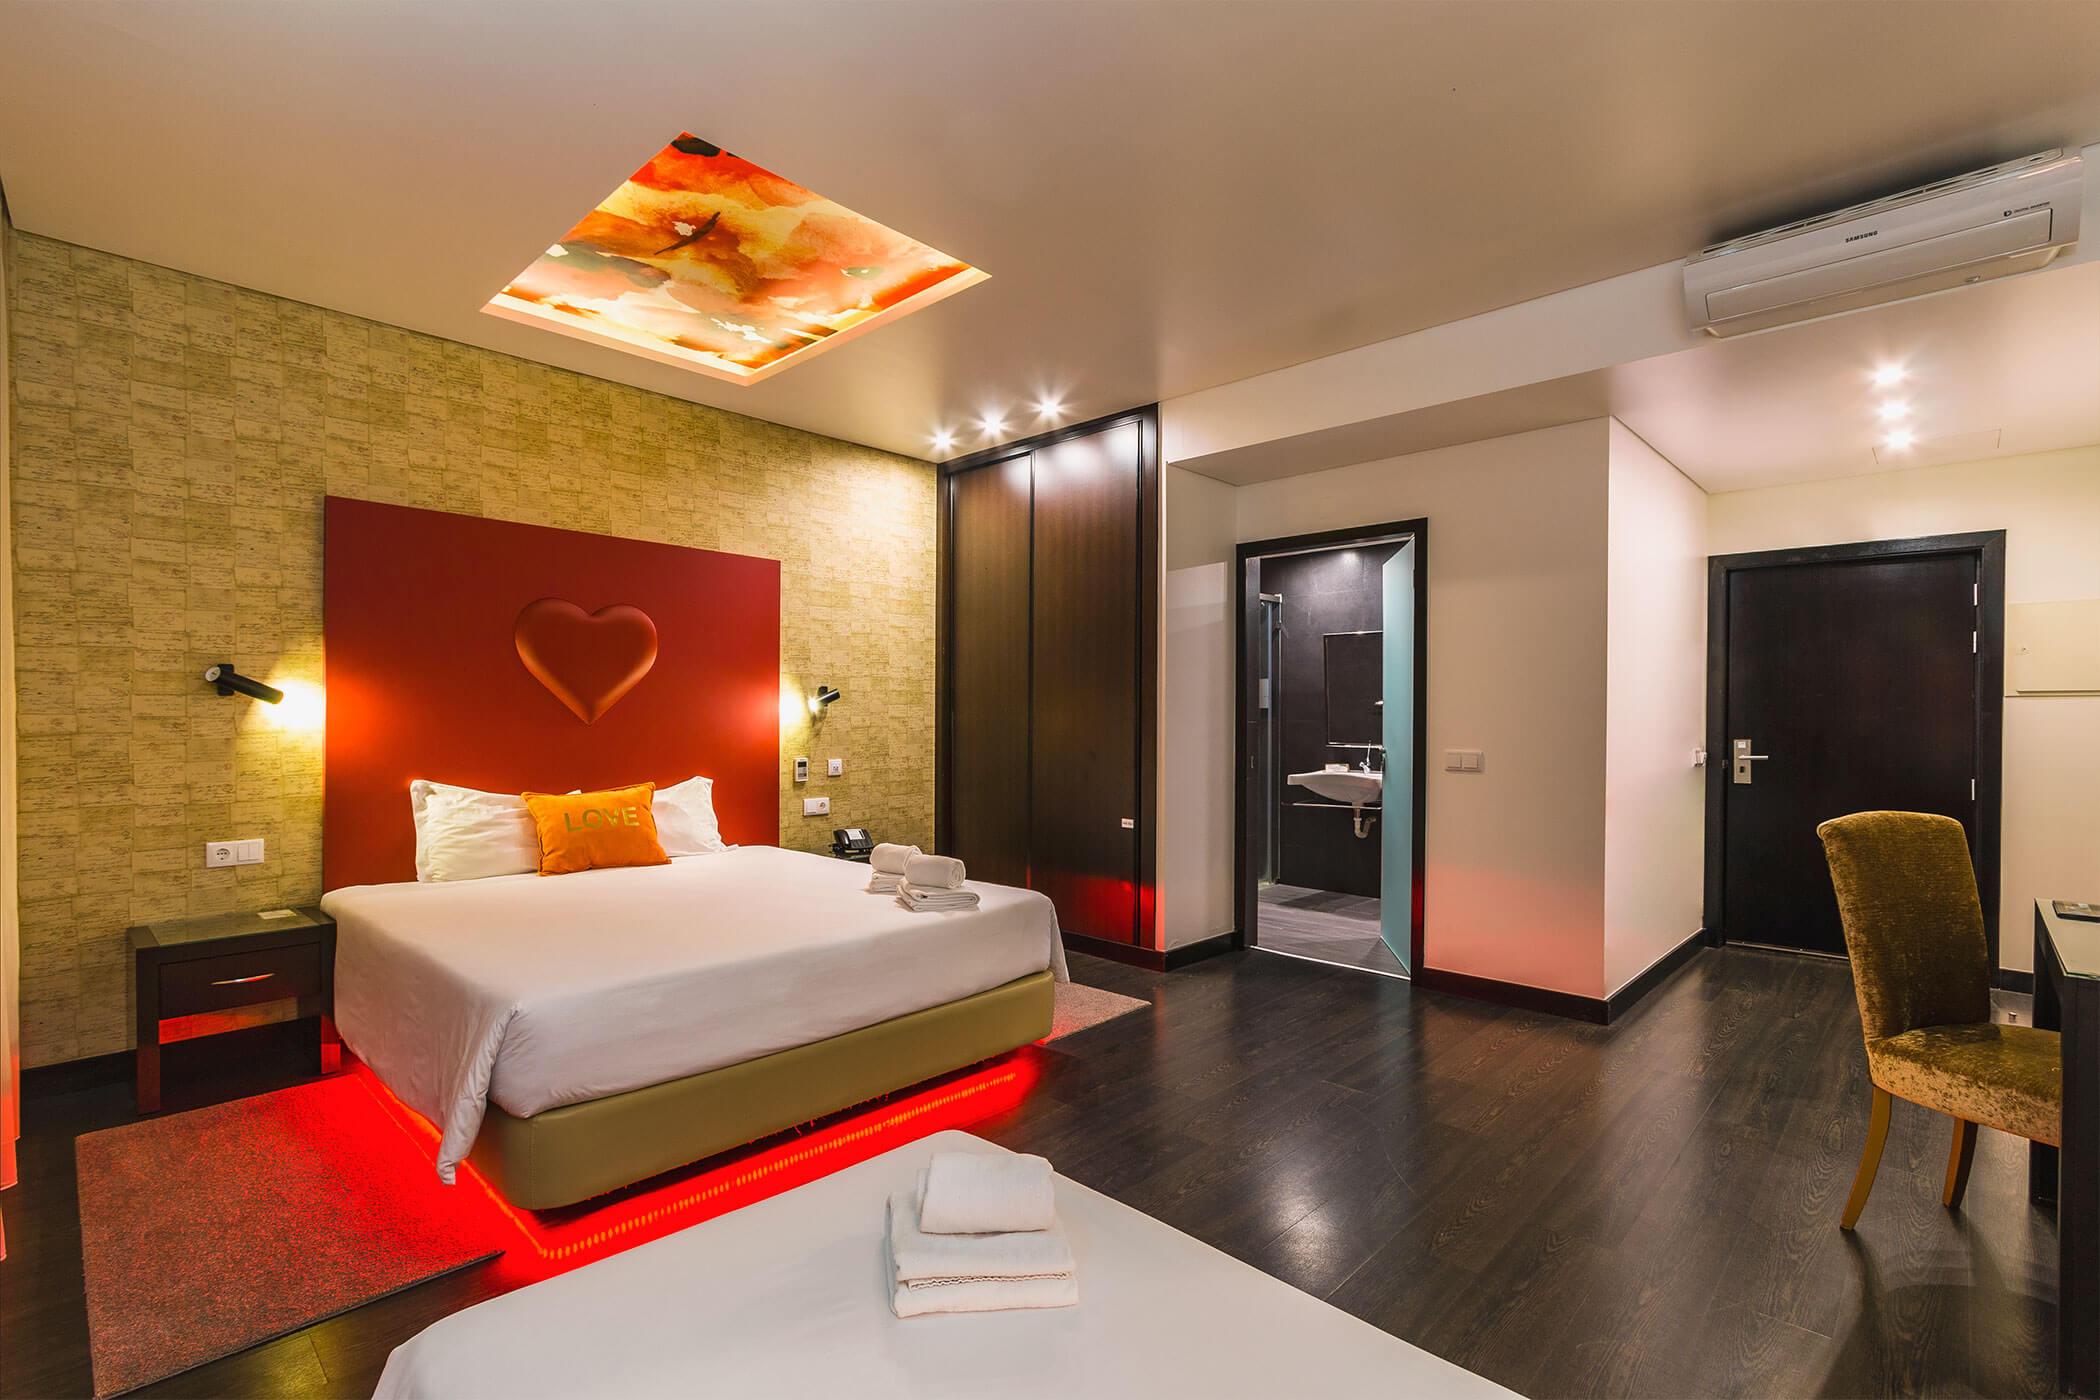 Amor e Cegovim room for reduced mobility - Lisotel Hotel e Spa, Leiria